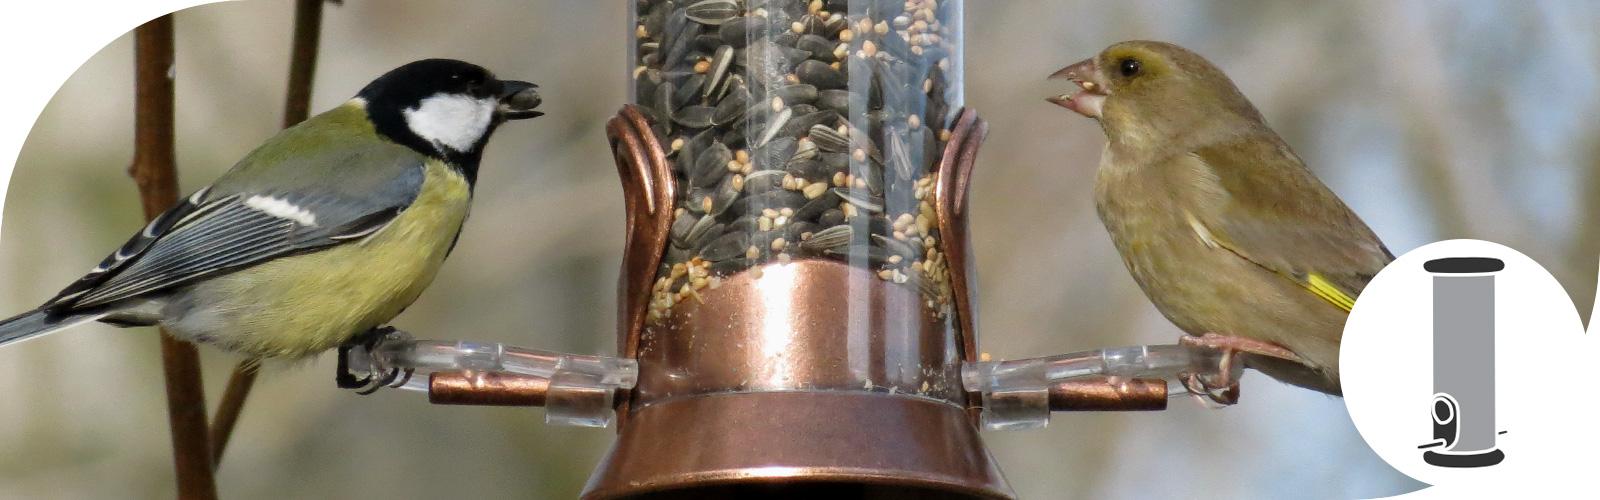 Voedersilo's - Dé manier om vogels te voeren